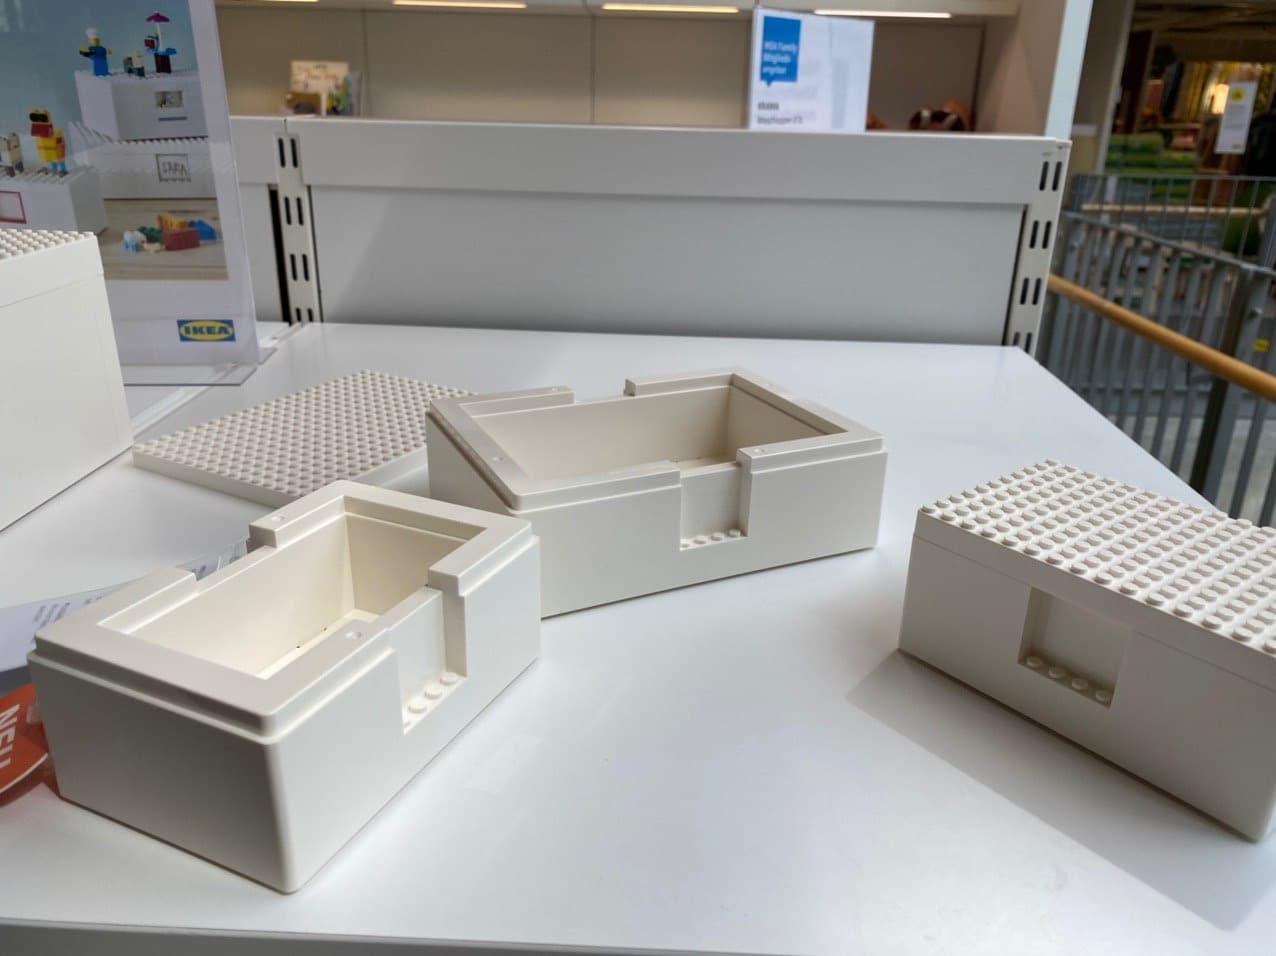 IKEA Bygglek: Produkte aus der Kooperation mit LEGO ...